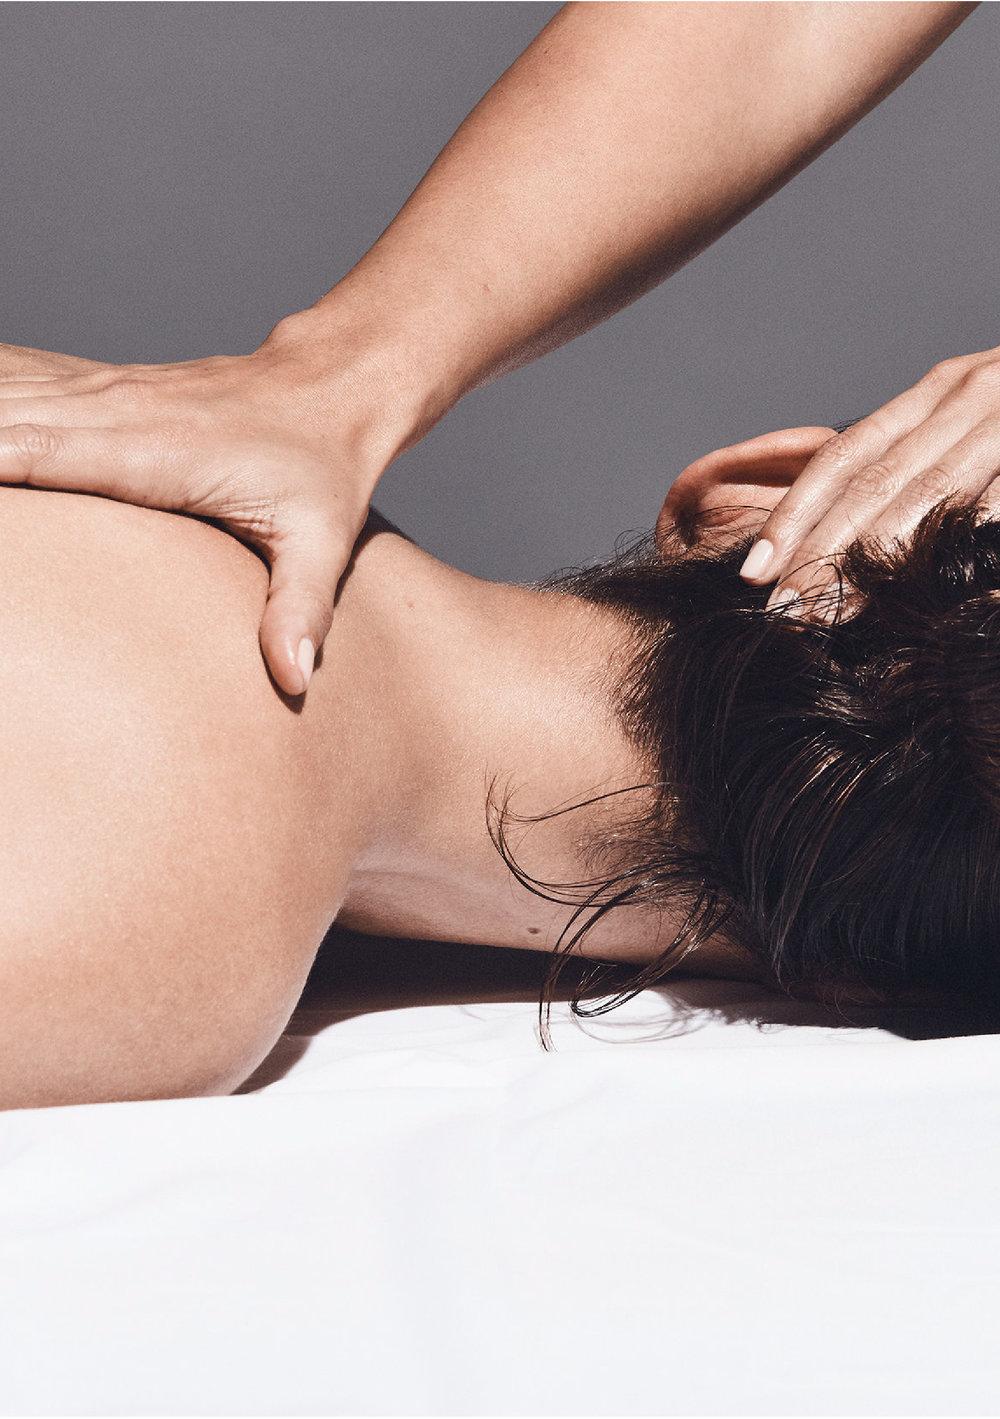 Massage@300x-100.jpg